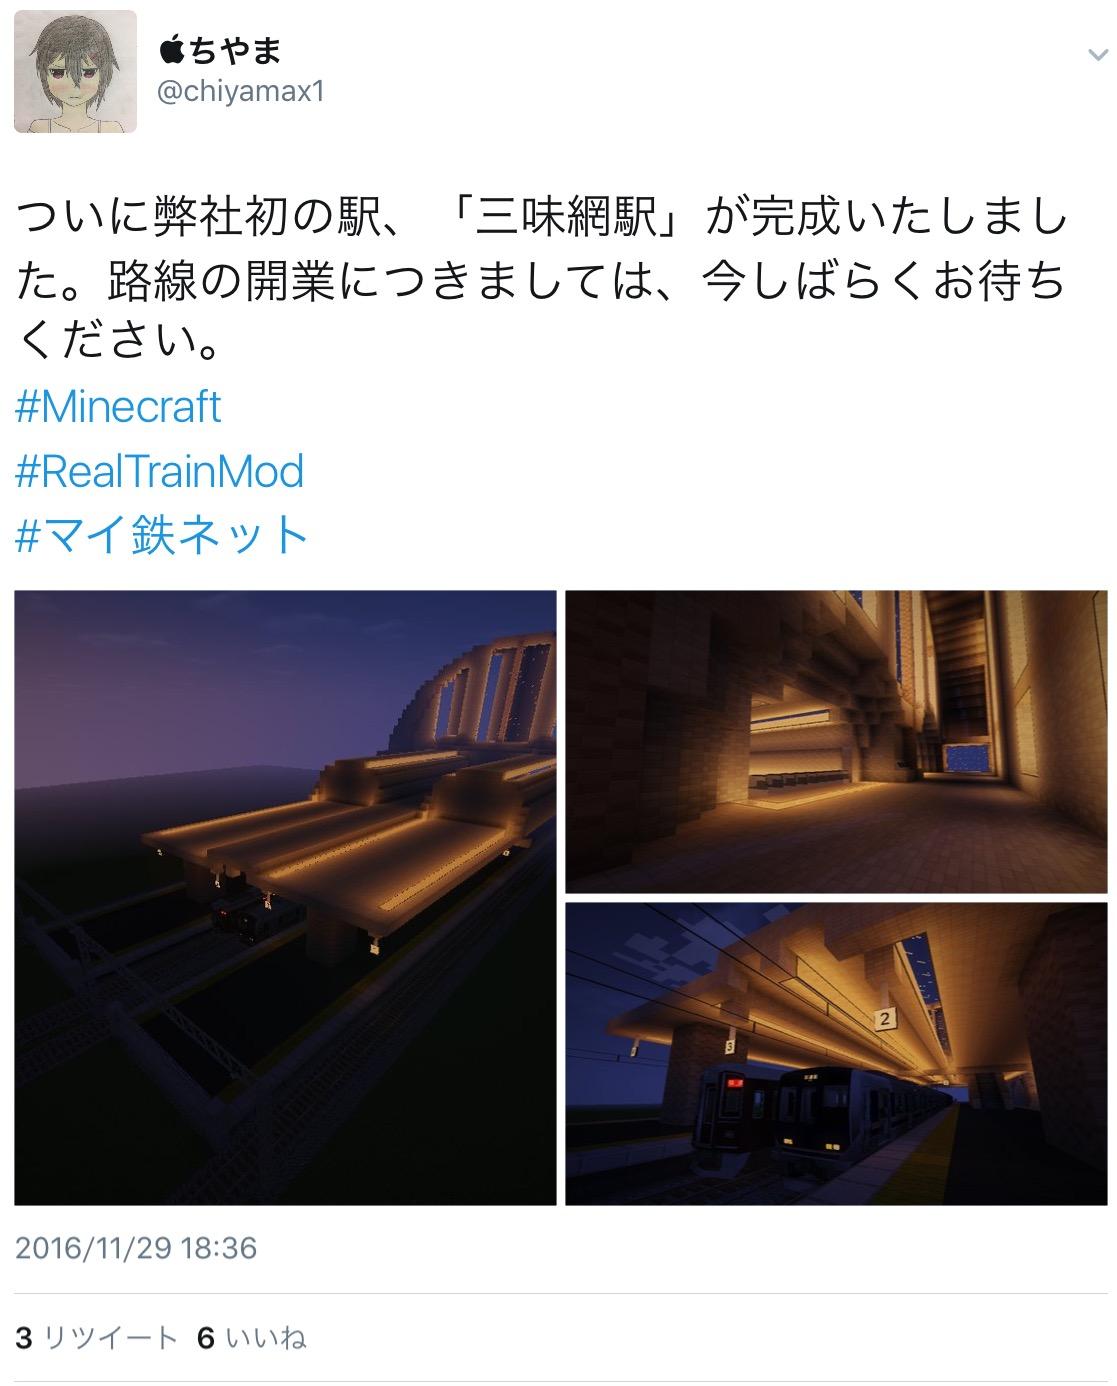 chiyama11-29.jpeg